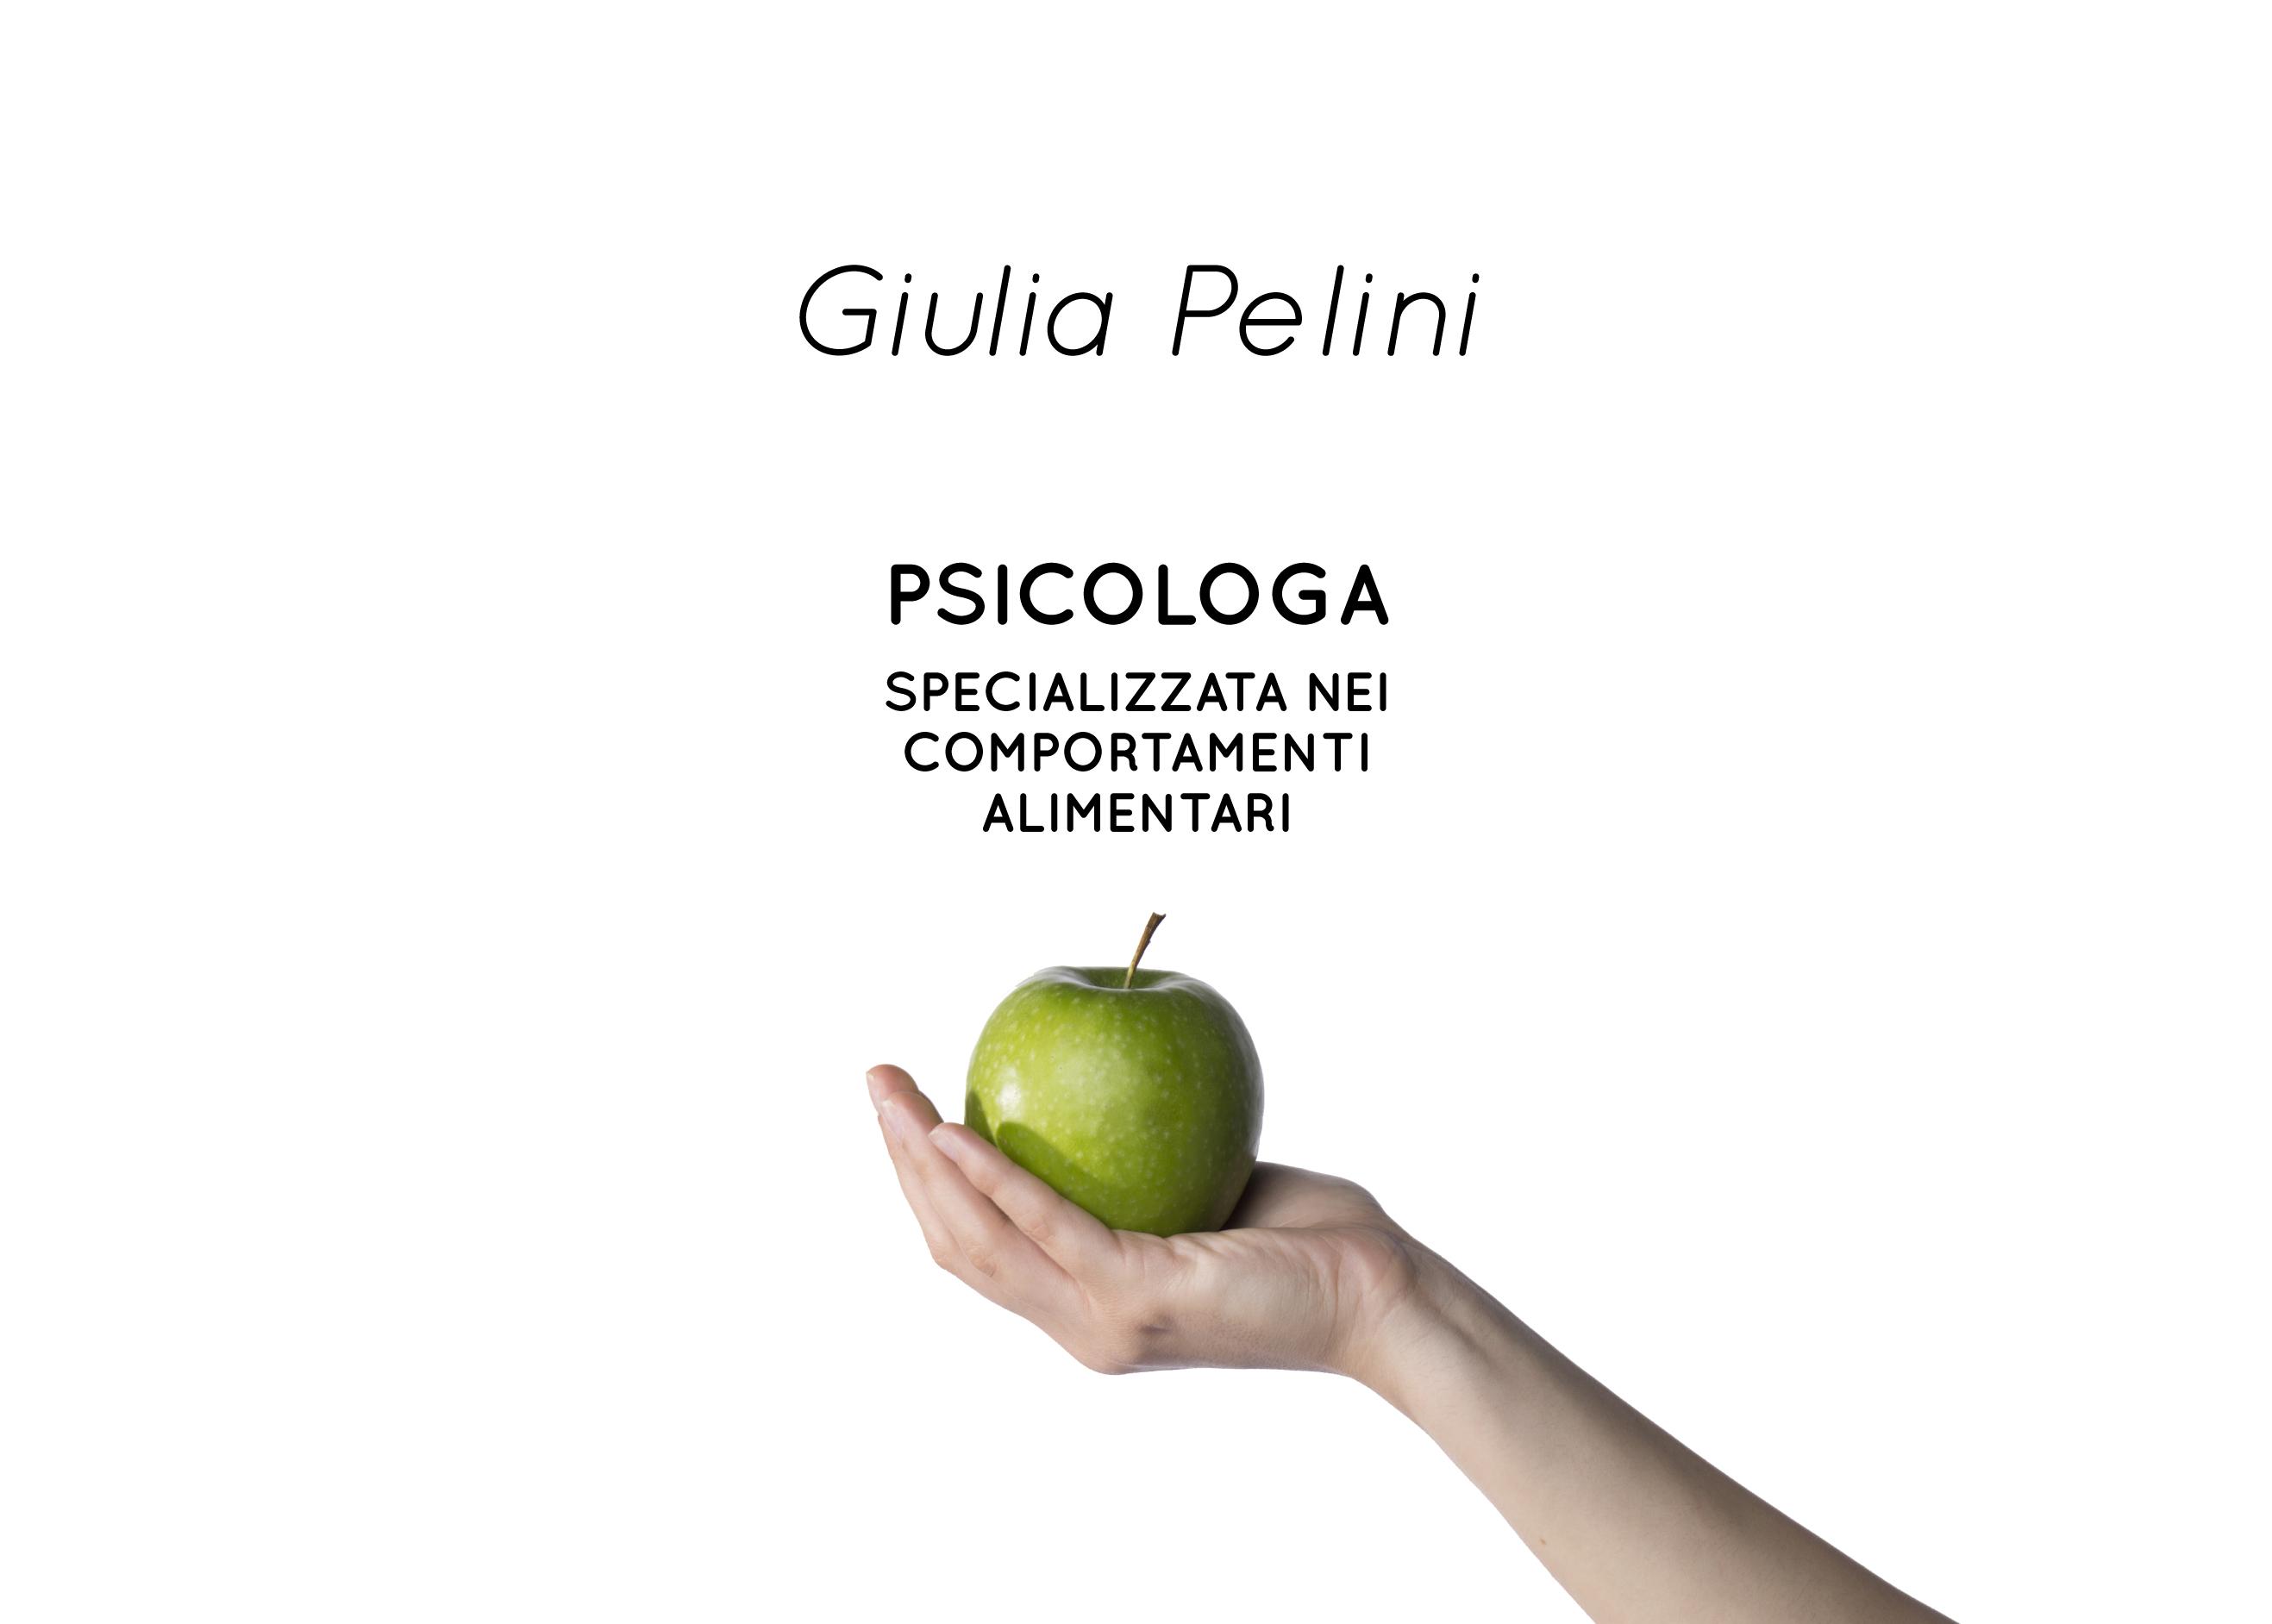 Giulia-Pelini-psicologa-home-white-testo-mobile2